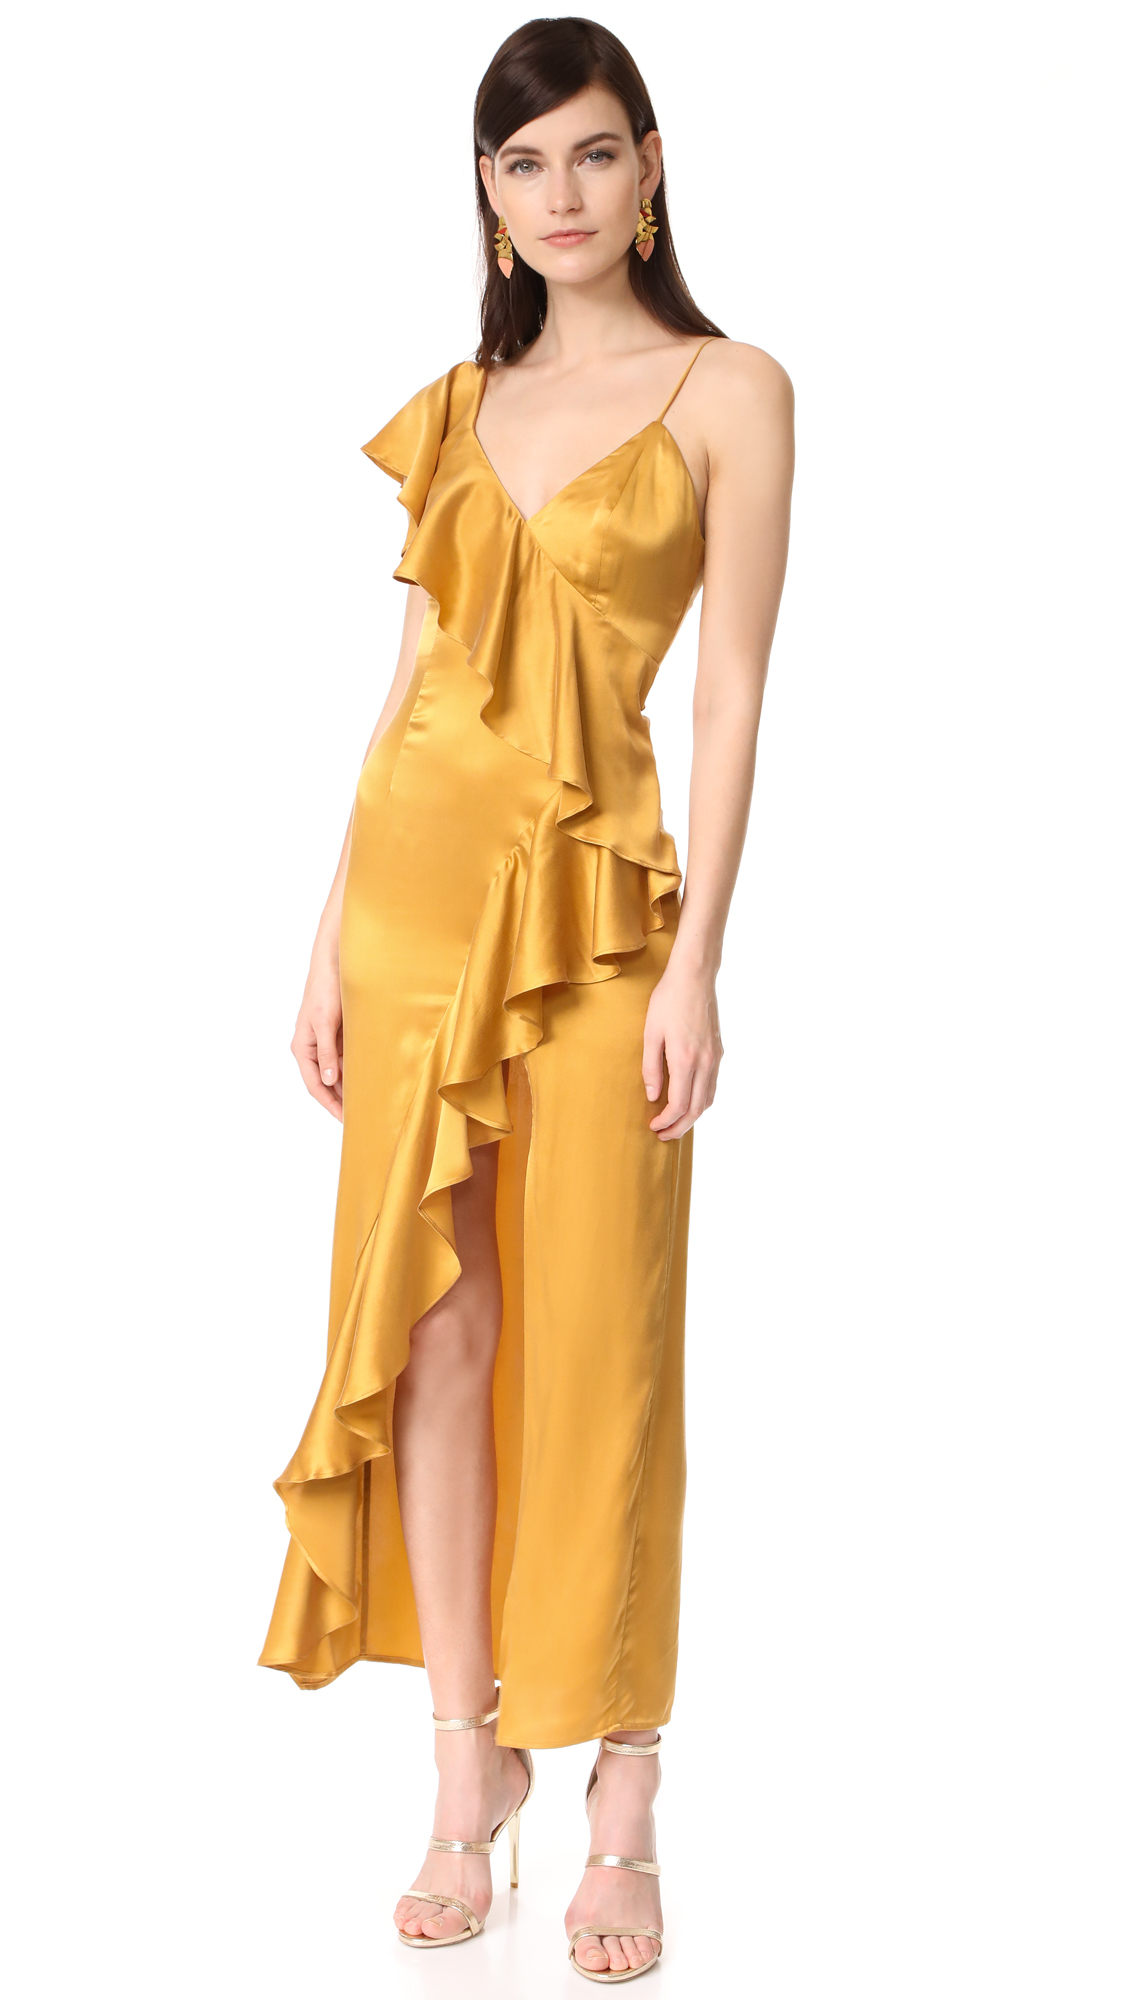 Demi Lovato Stuns In Gold Silk Dress At We Day In La